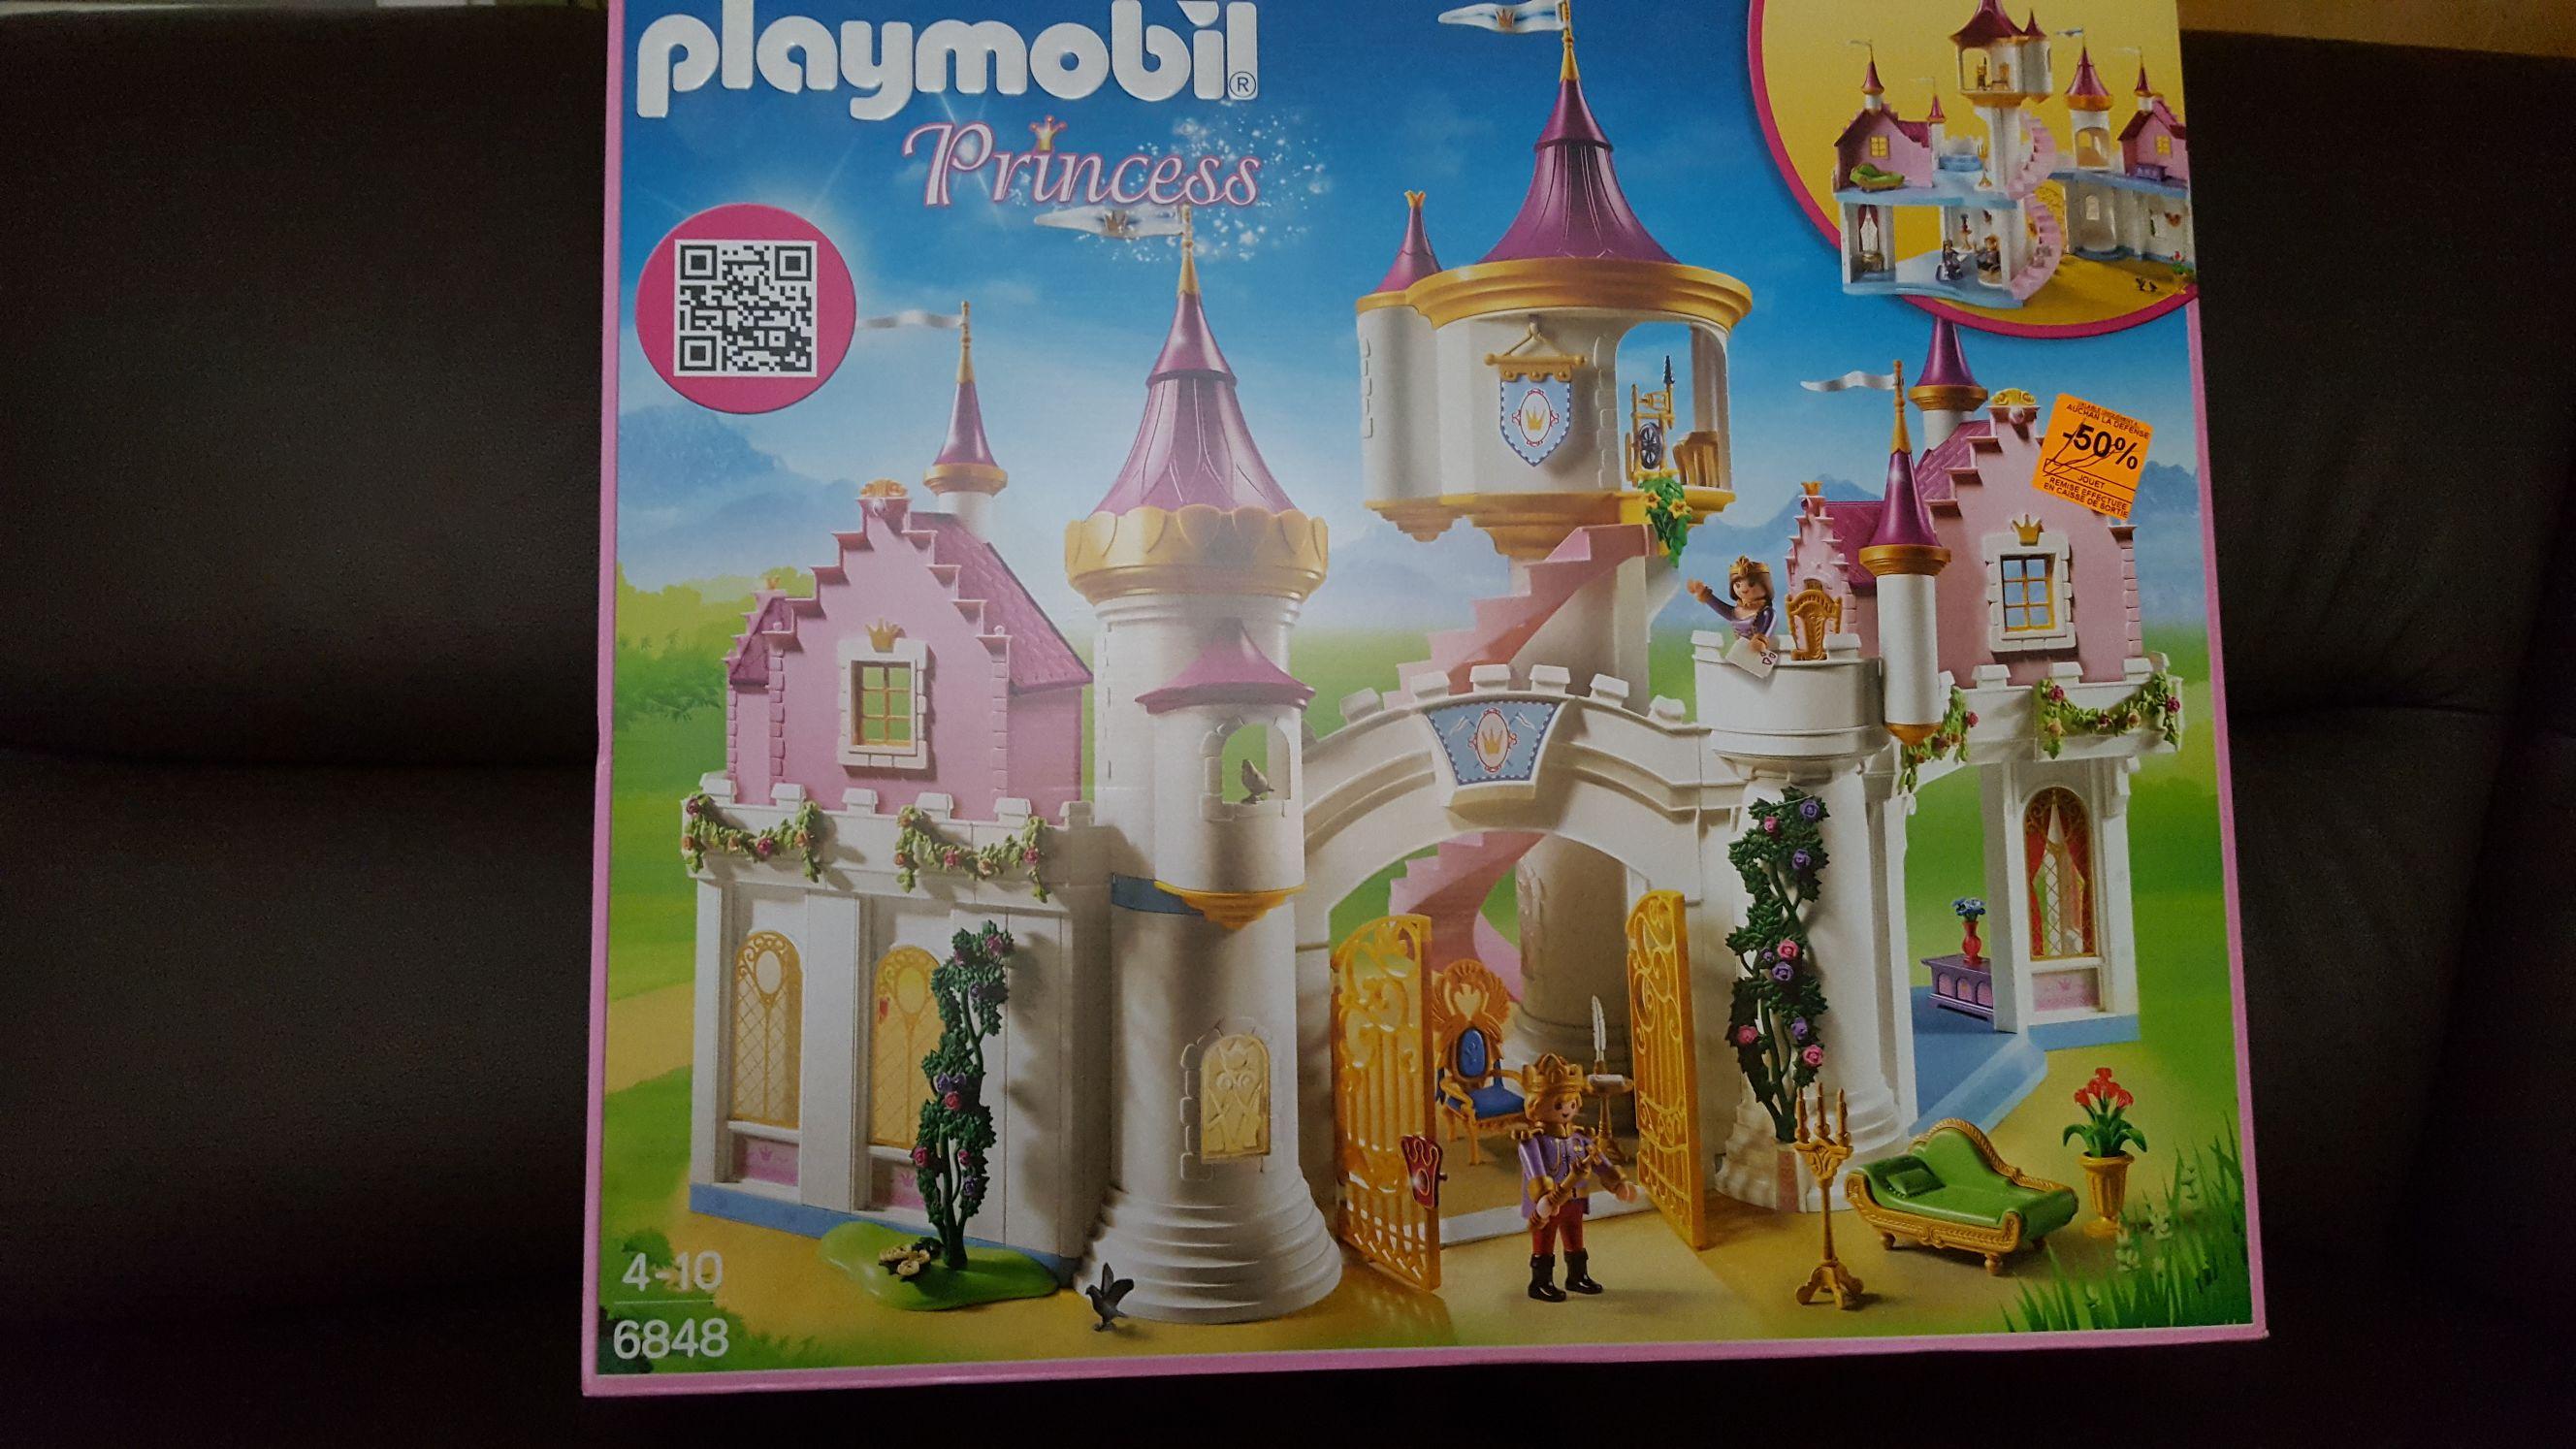 Jouet Playmobil Grand château de princesse 6848 - La Défense (92)